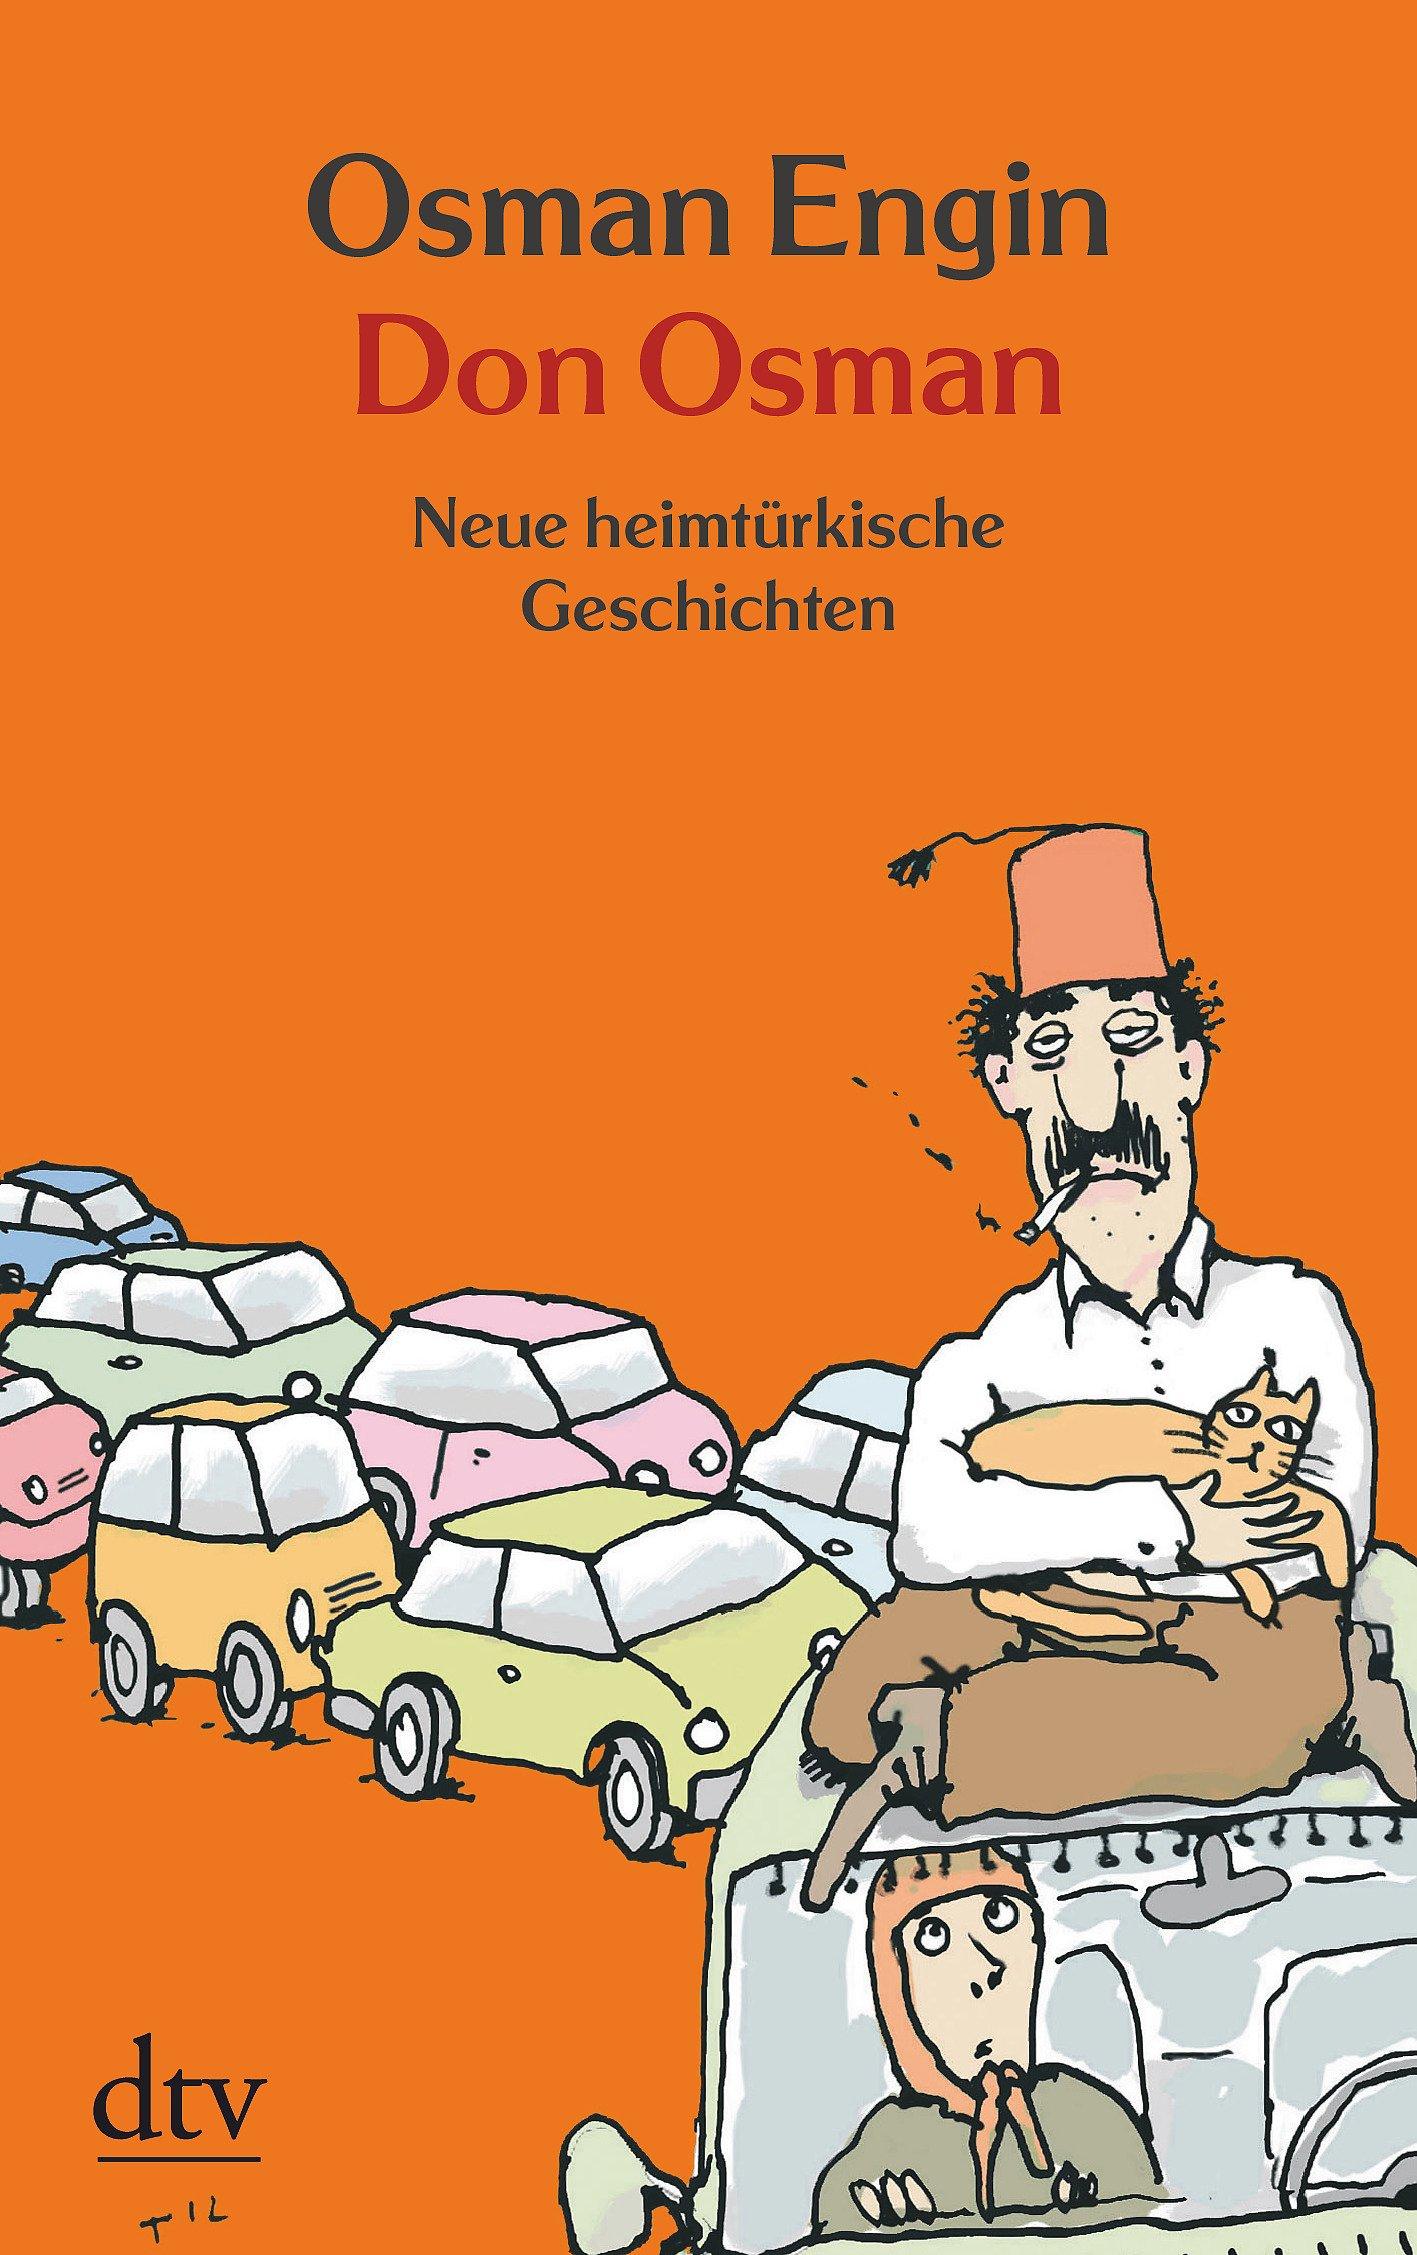 Don Osman: Neue heimtürkische Geschichten